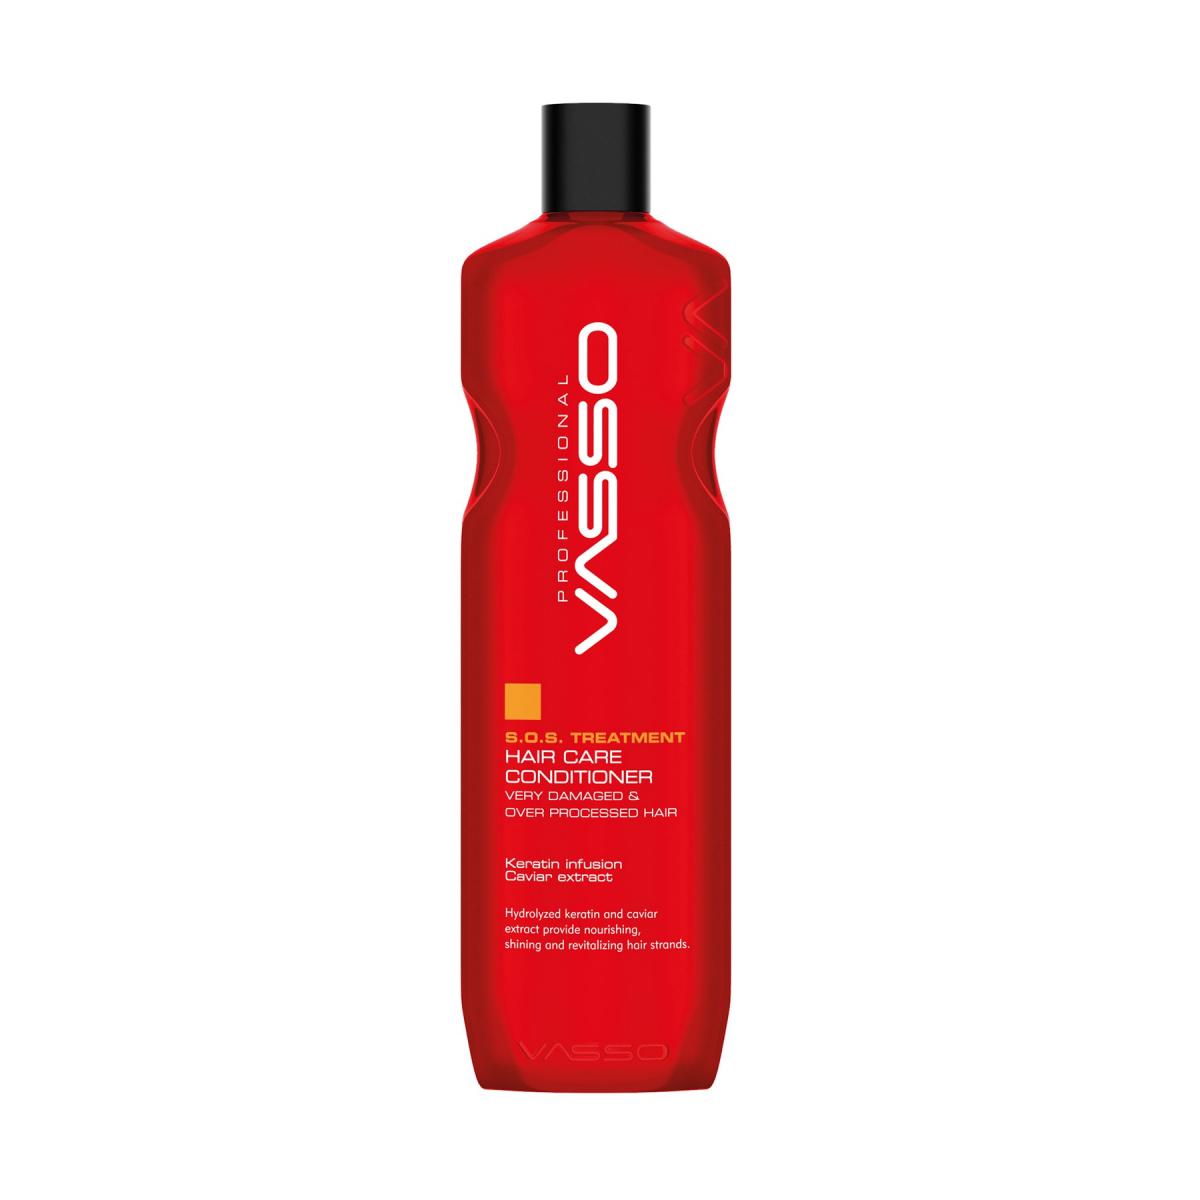 VASSO WOMEN Yıpranmış Saçlar Için Acil Kurtarma Kremi - Vasso S.o.s Treatment Hair Care Conditioner